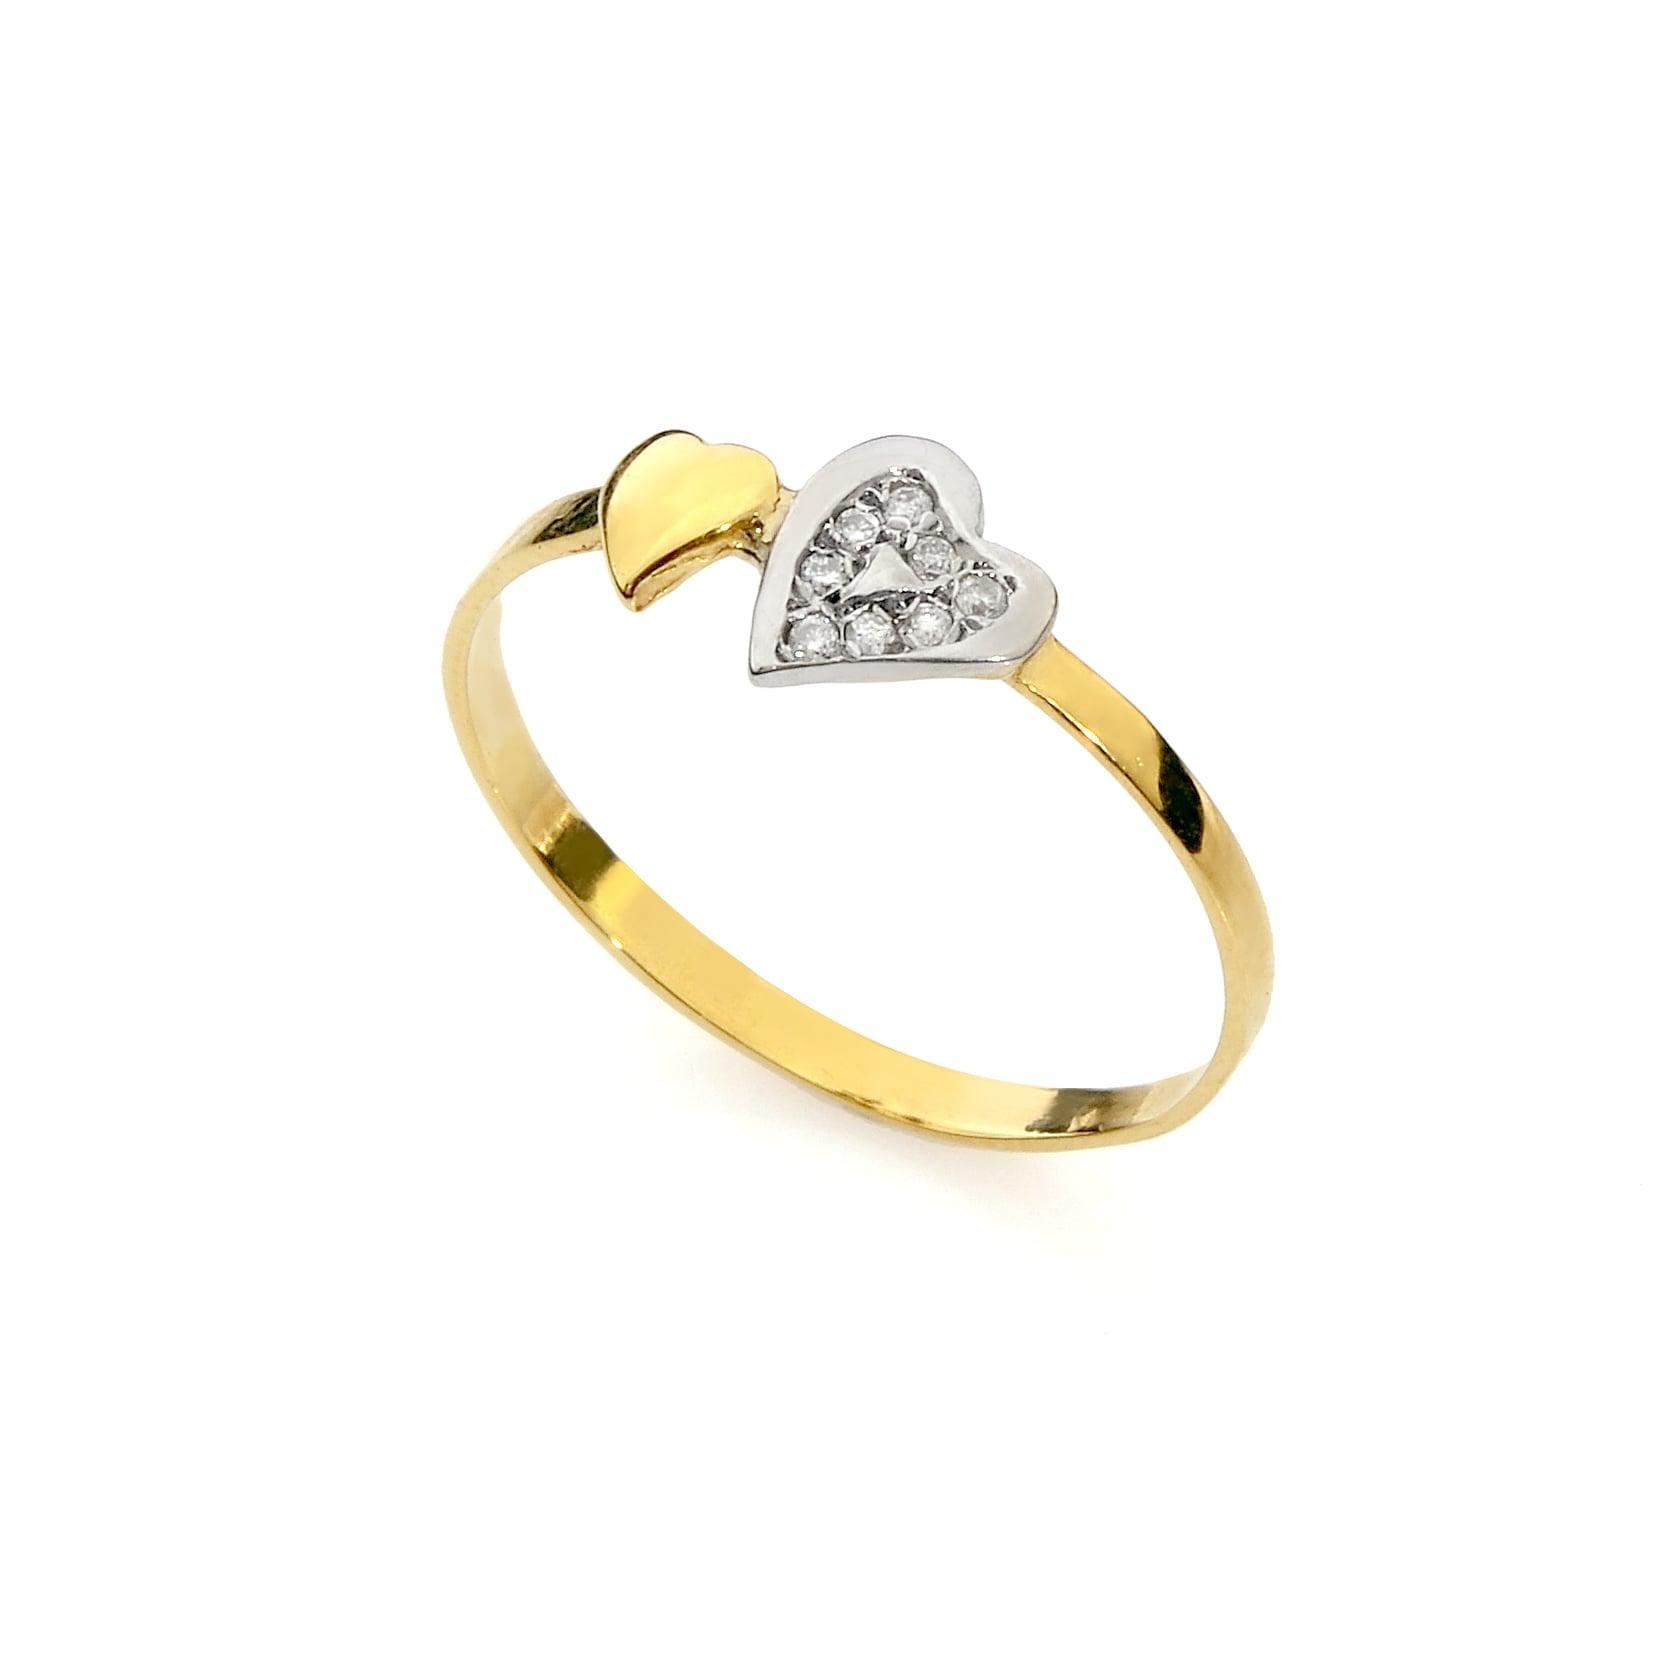 טבעת זהב וזרקונים, מתנה לבת מצווה, עשויה בזהב 14K